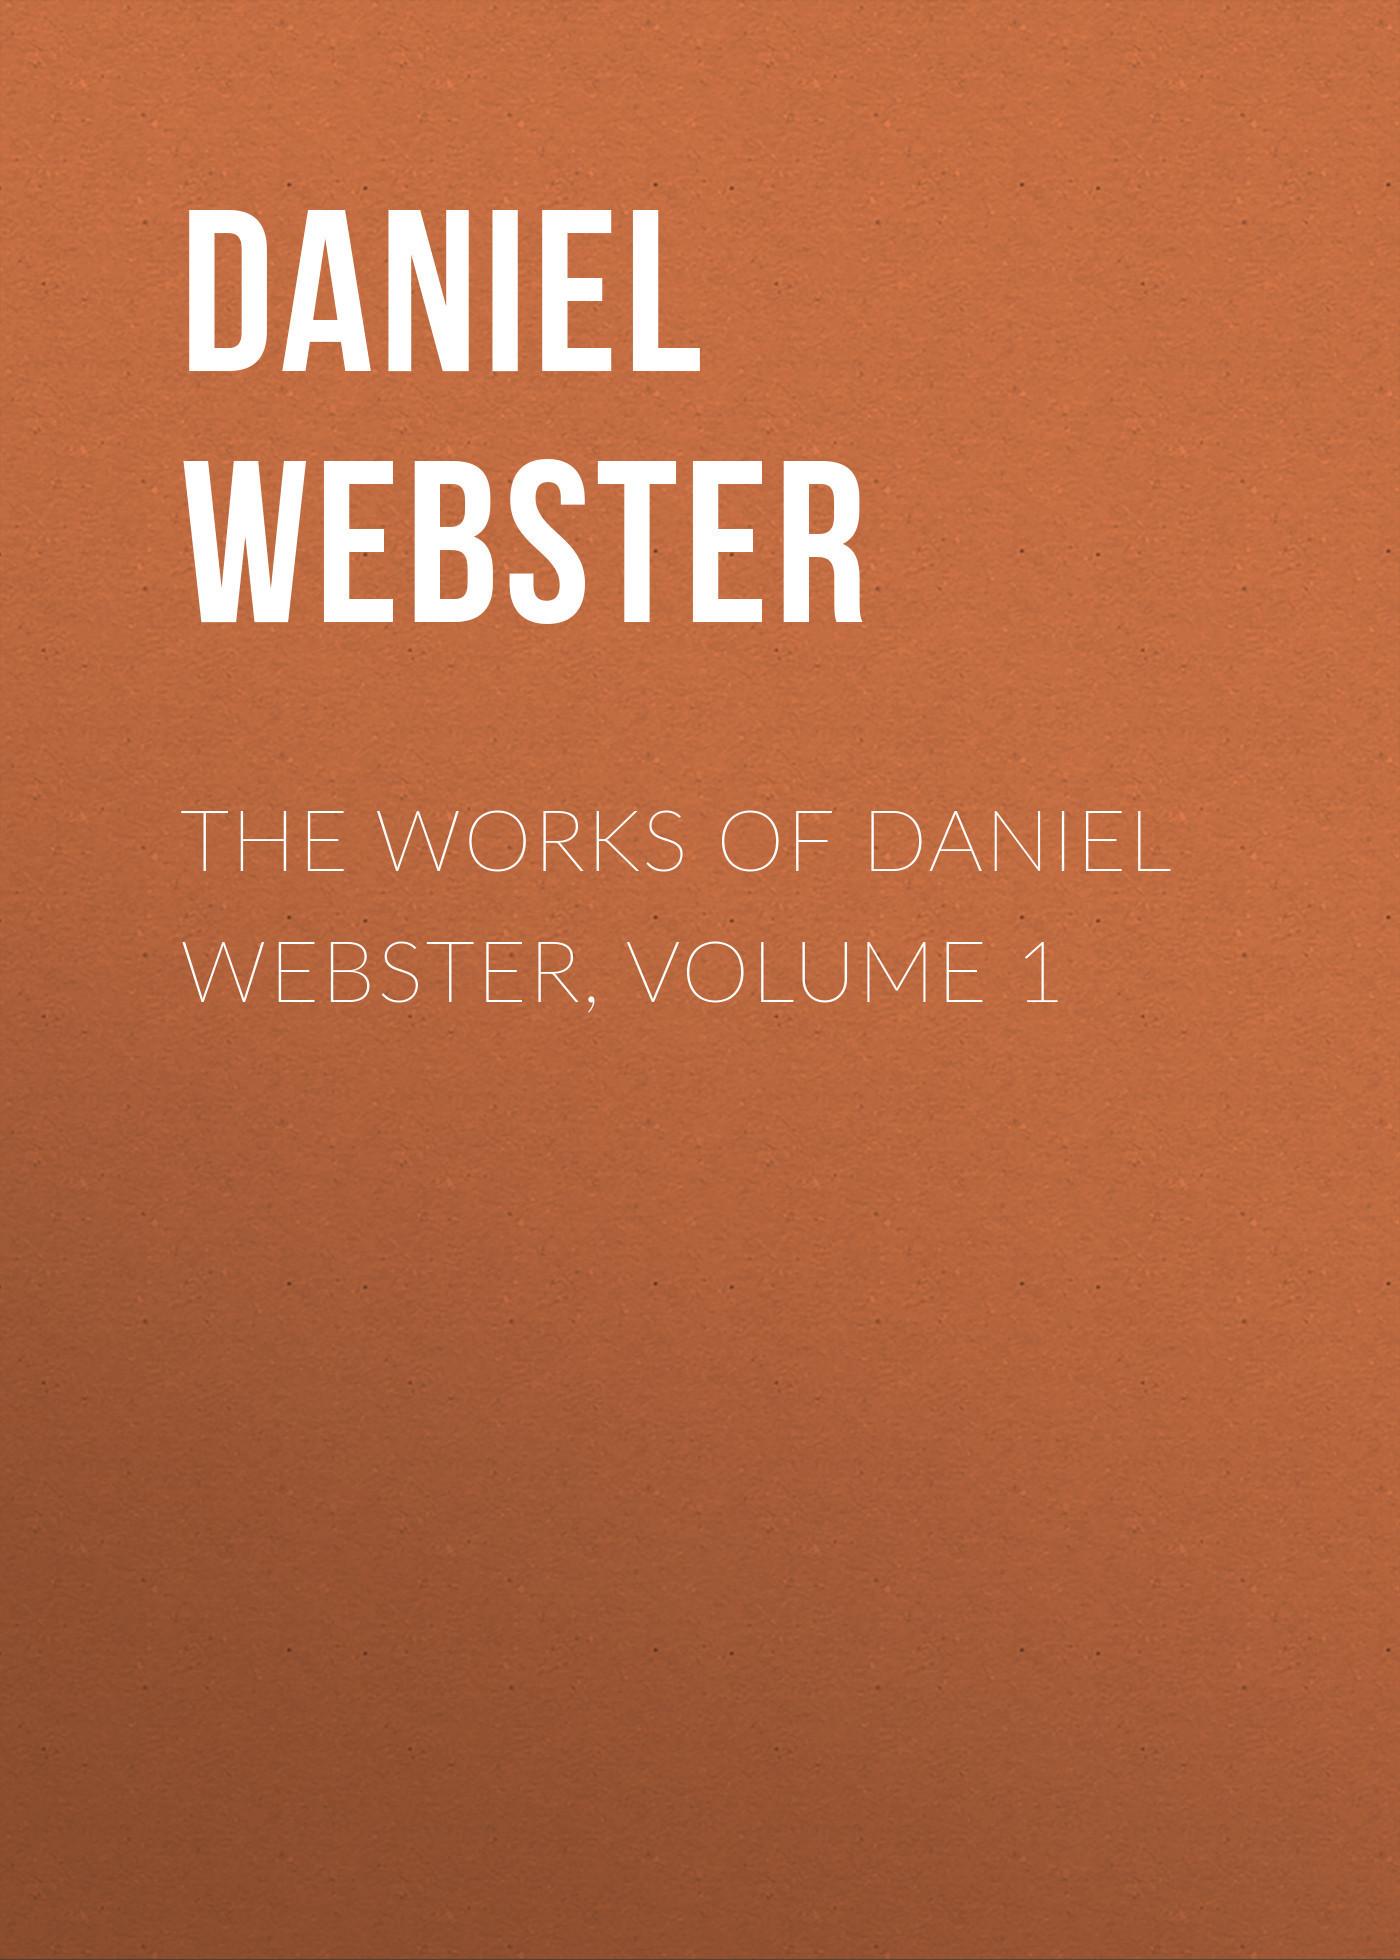 Daniel Webster The Works of Daniel Webster, Volume 1 webster s new worldtm portable large print dictionary